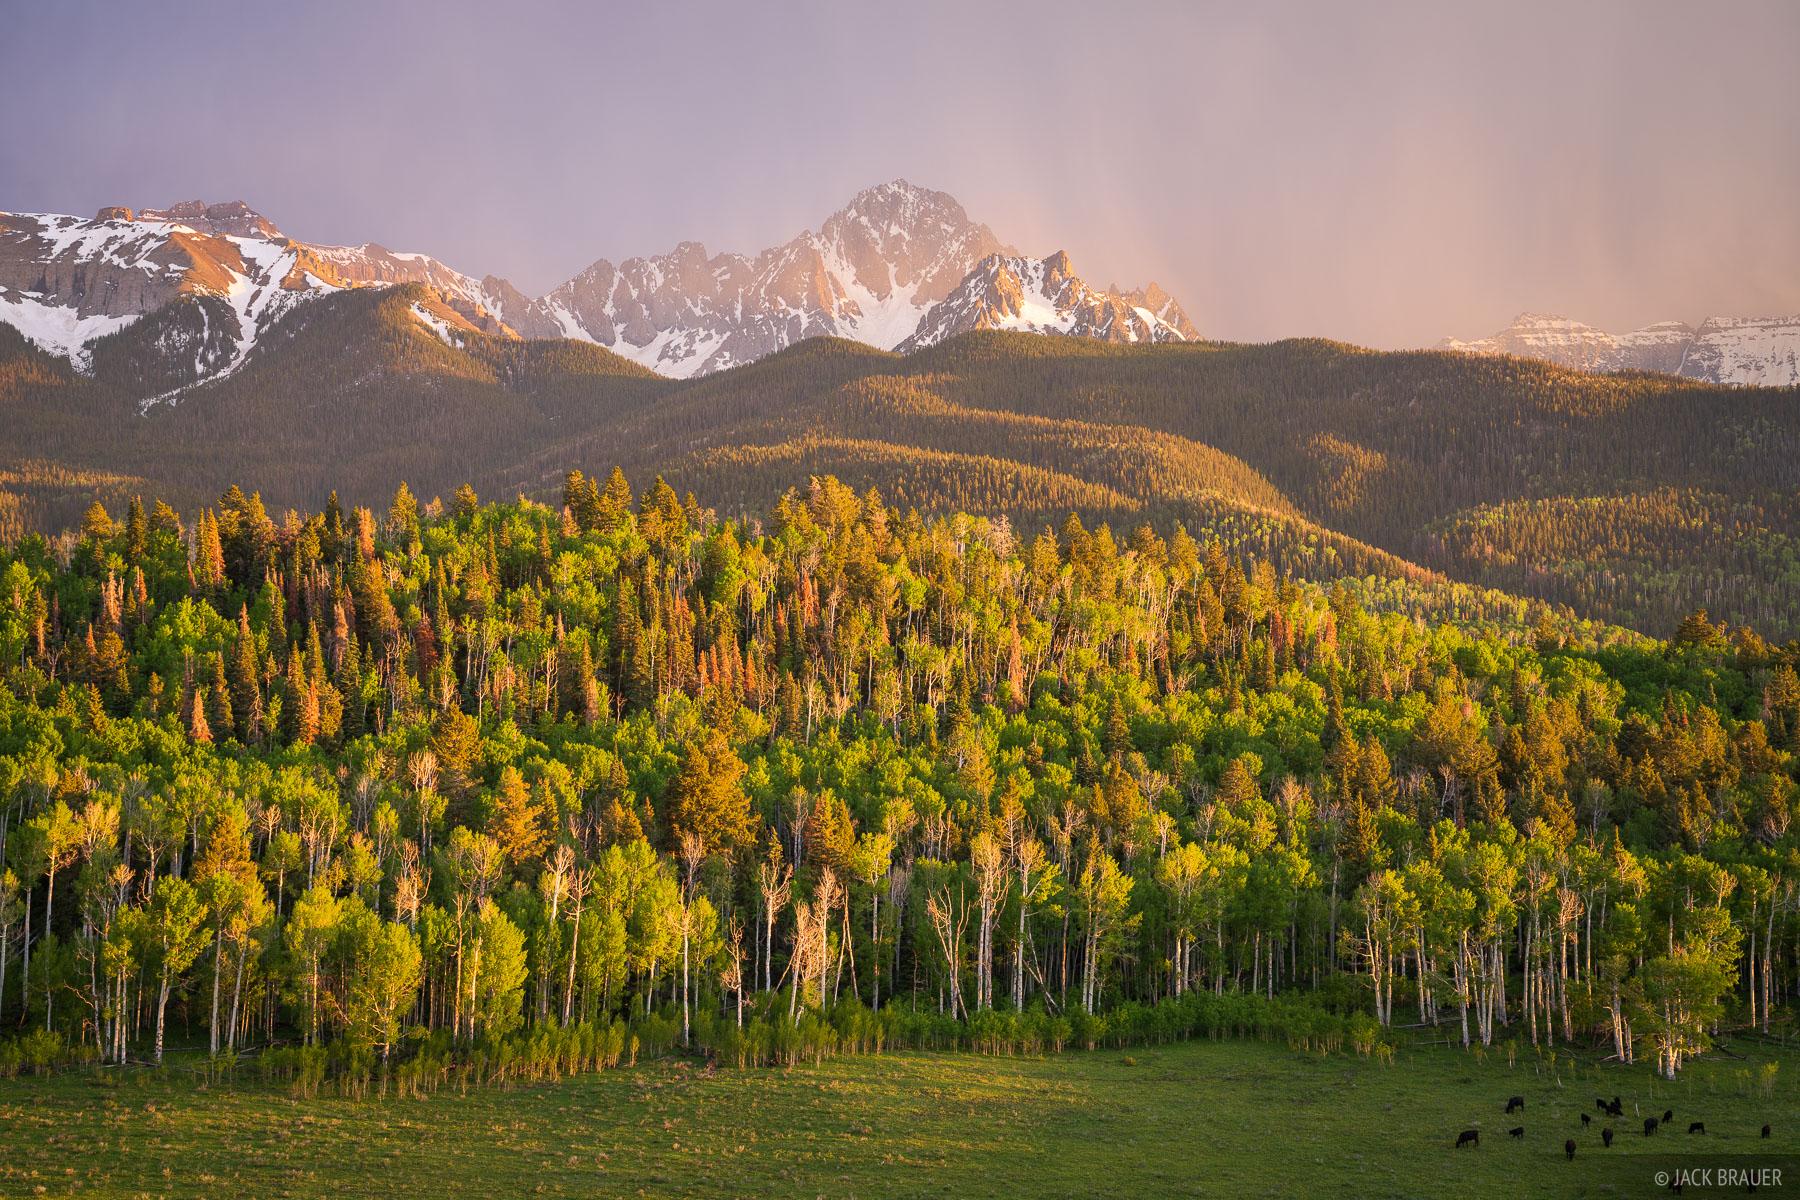 Sunset light filters through thunderstorm rain below Mount Sneffels.